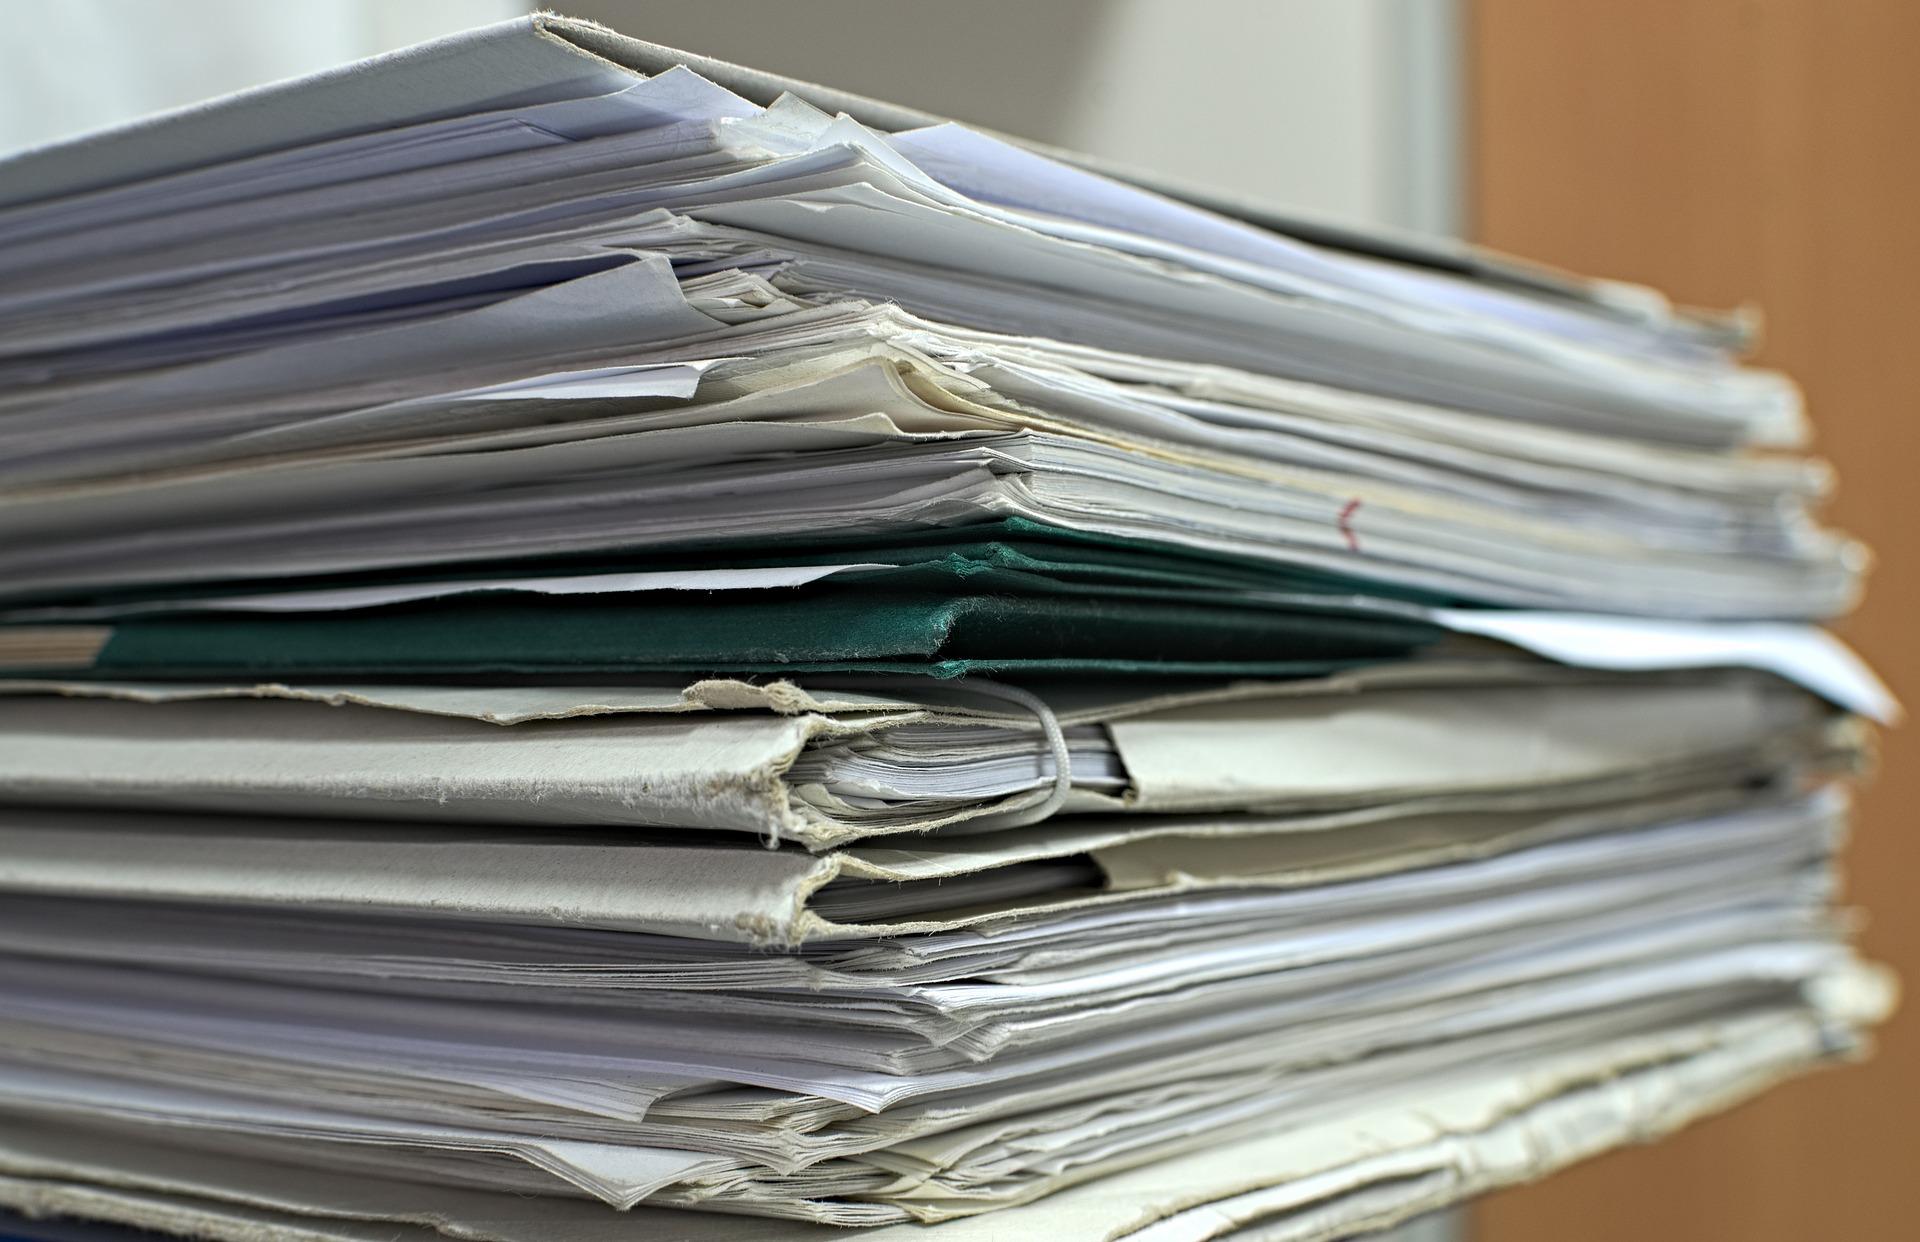 Les documents obligatoires lors de la vente d'une voiture d'occasion